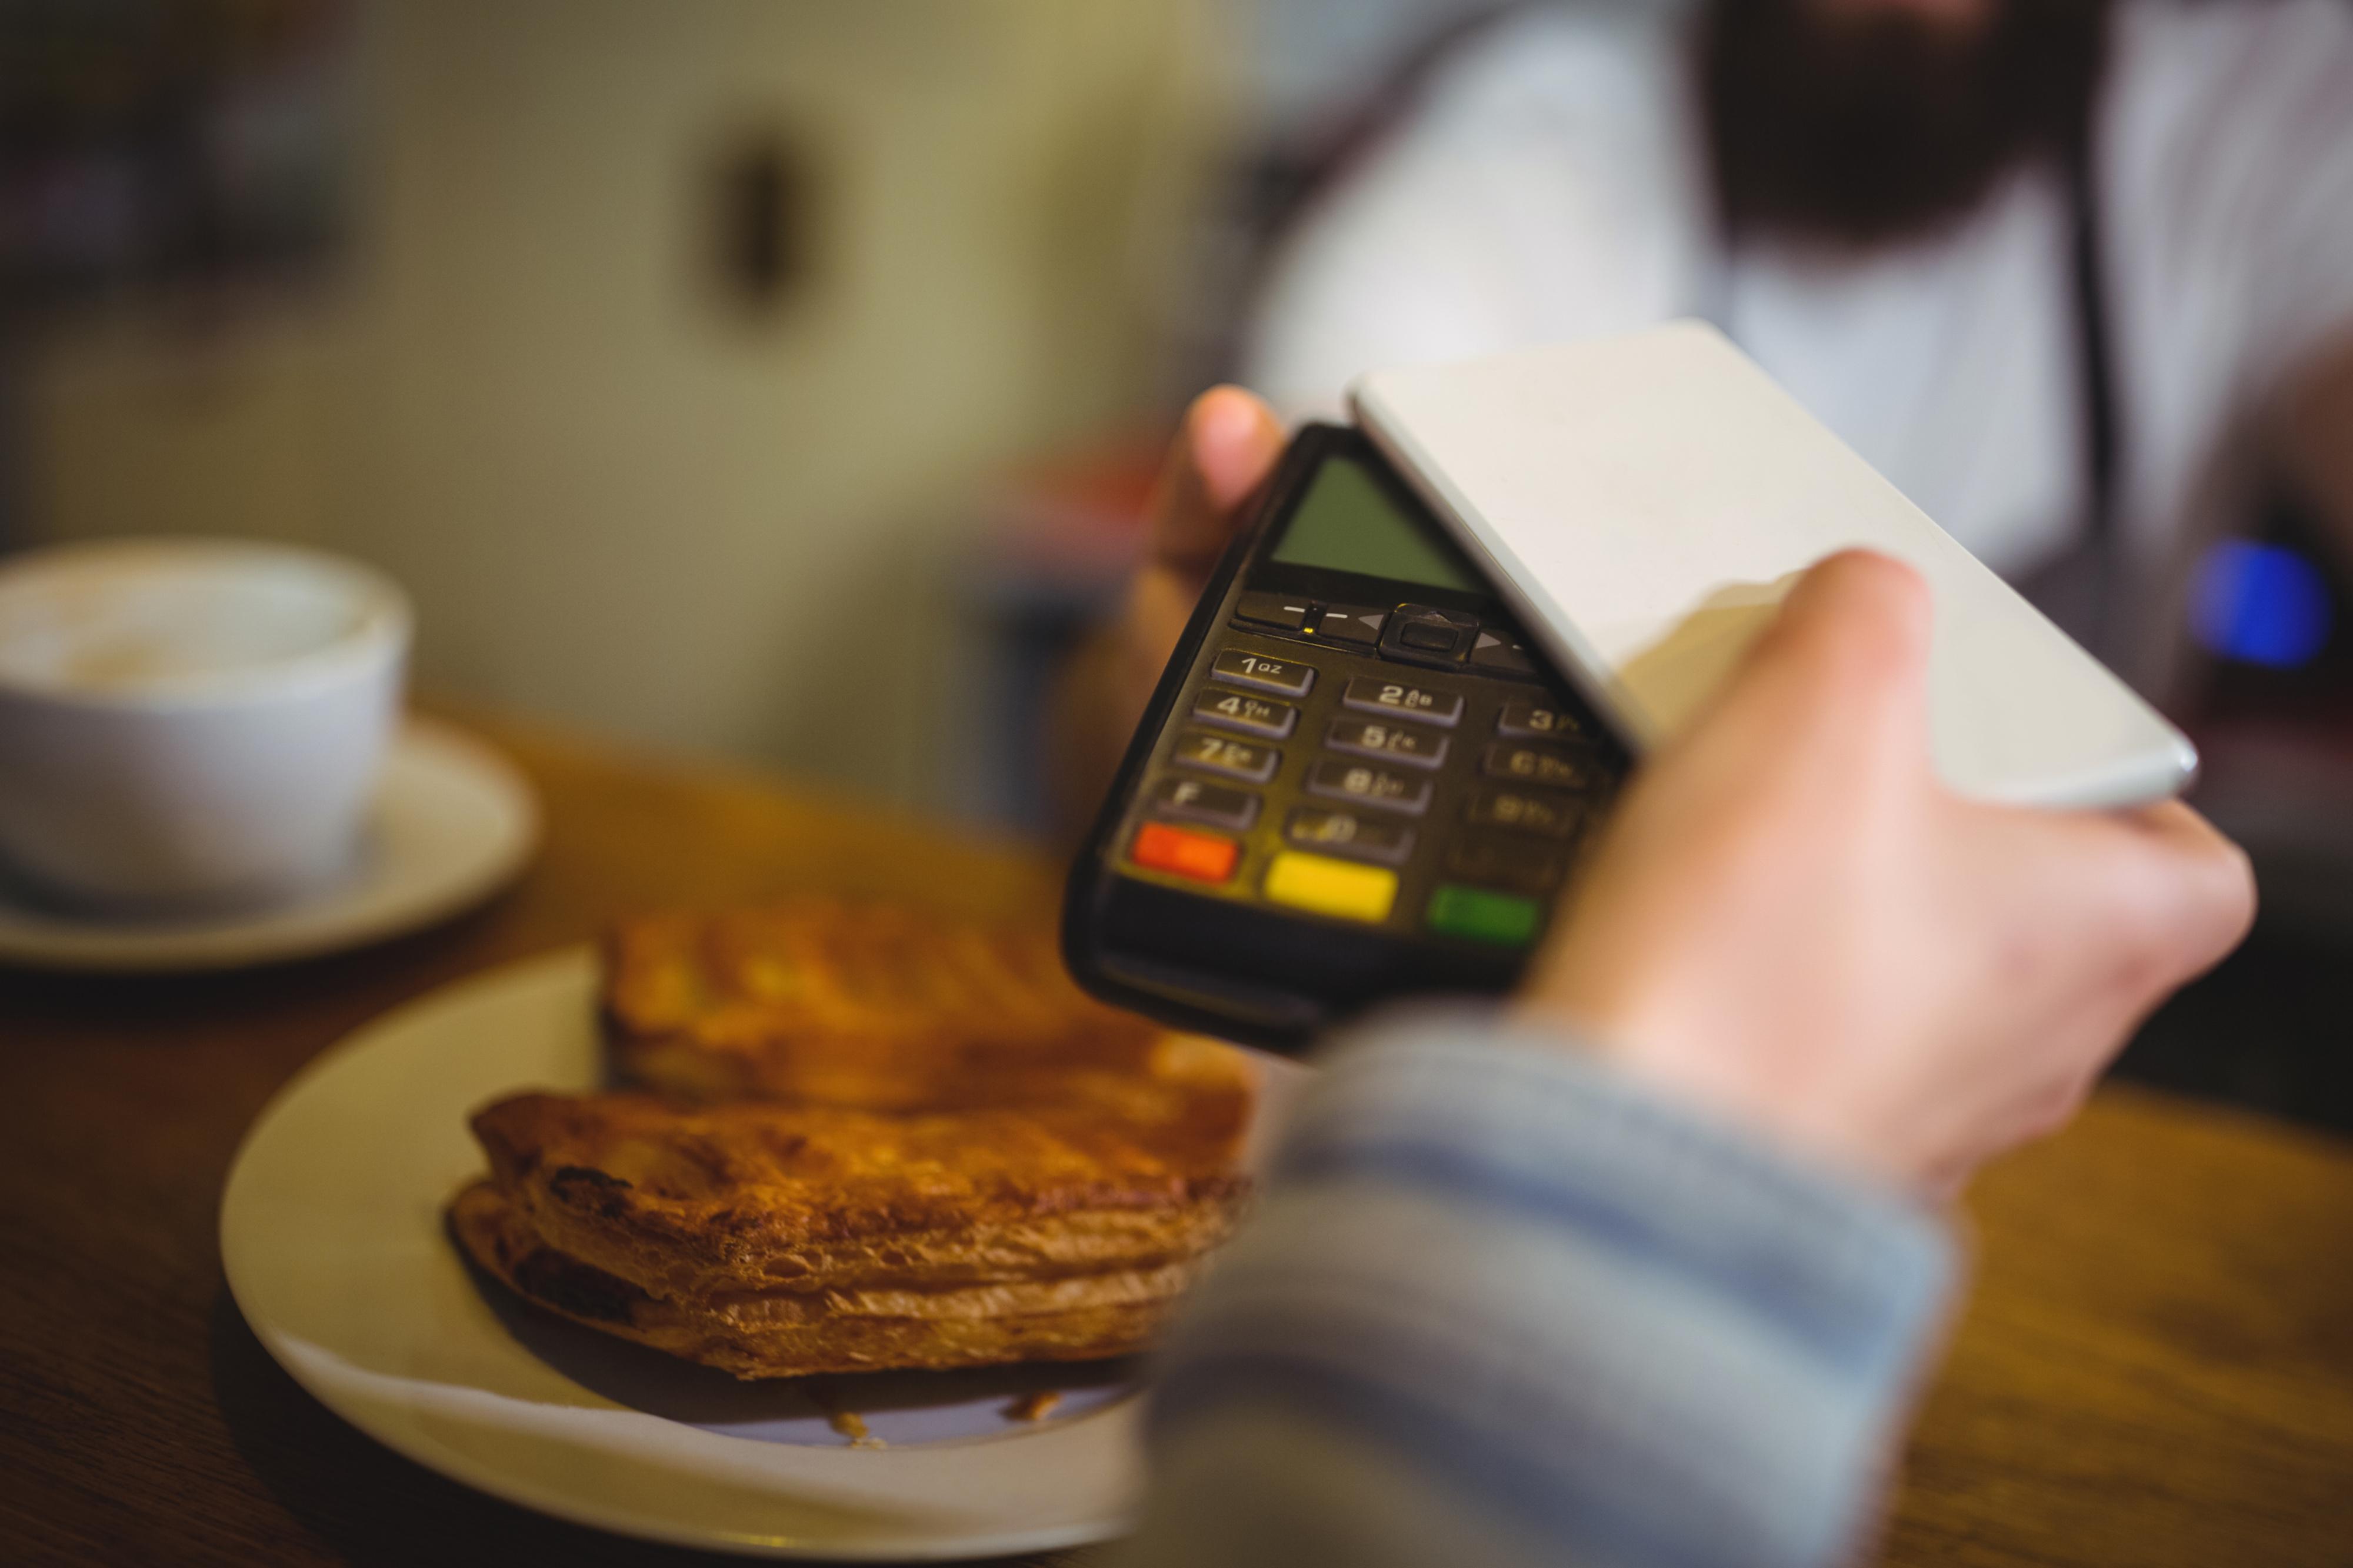 4 tendências de meios de pagamento no varejo